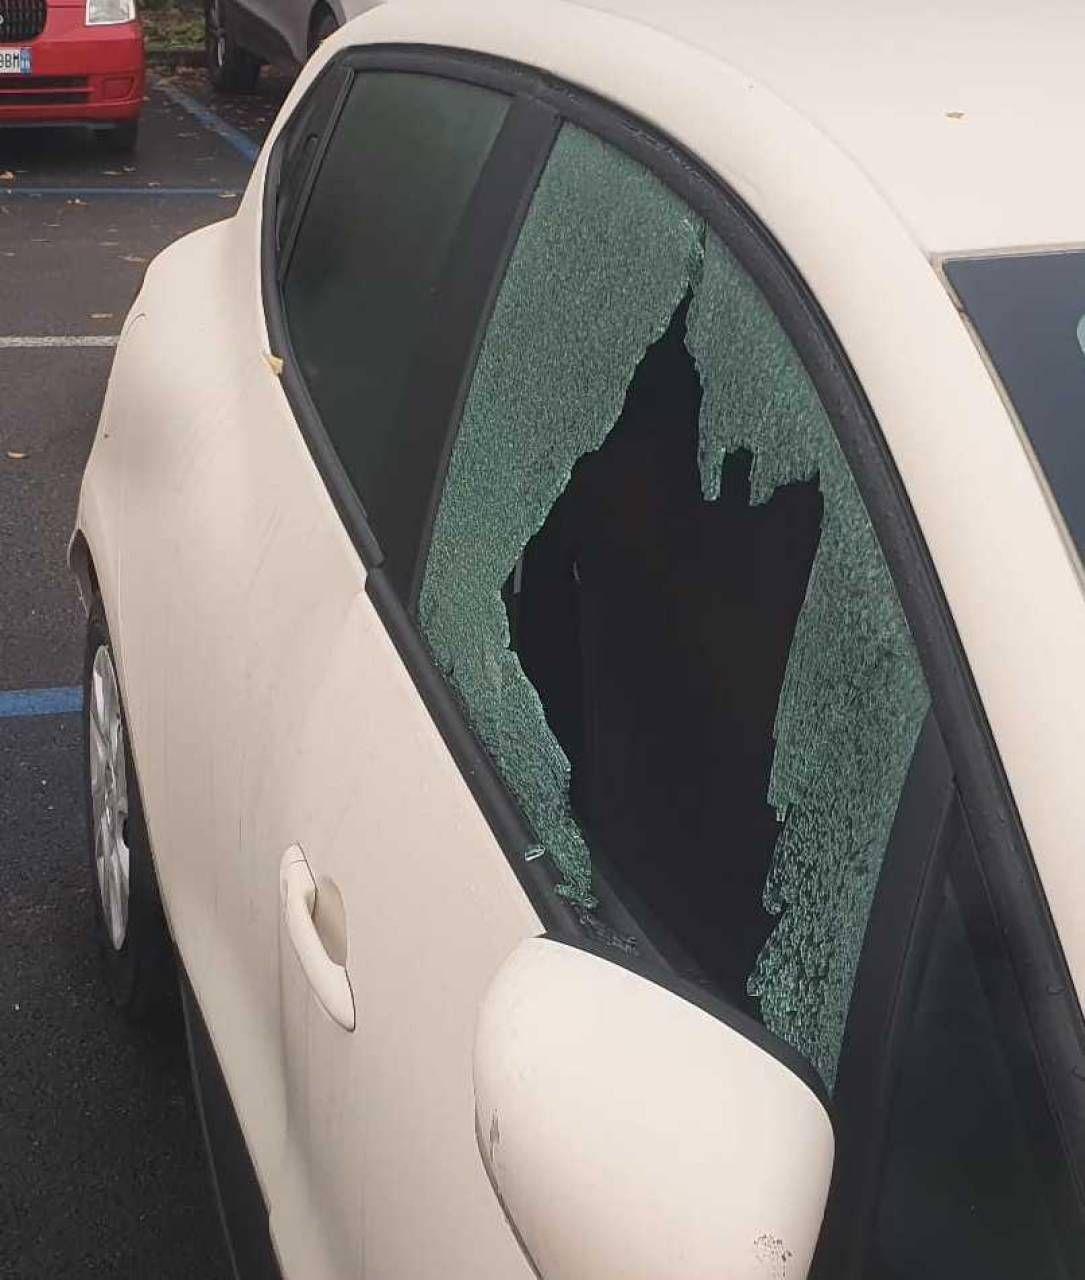 Una delle auto danneggiate nel parcheggio dell'ospedale Infermi di Rimini